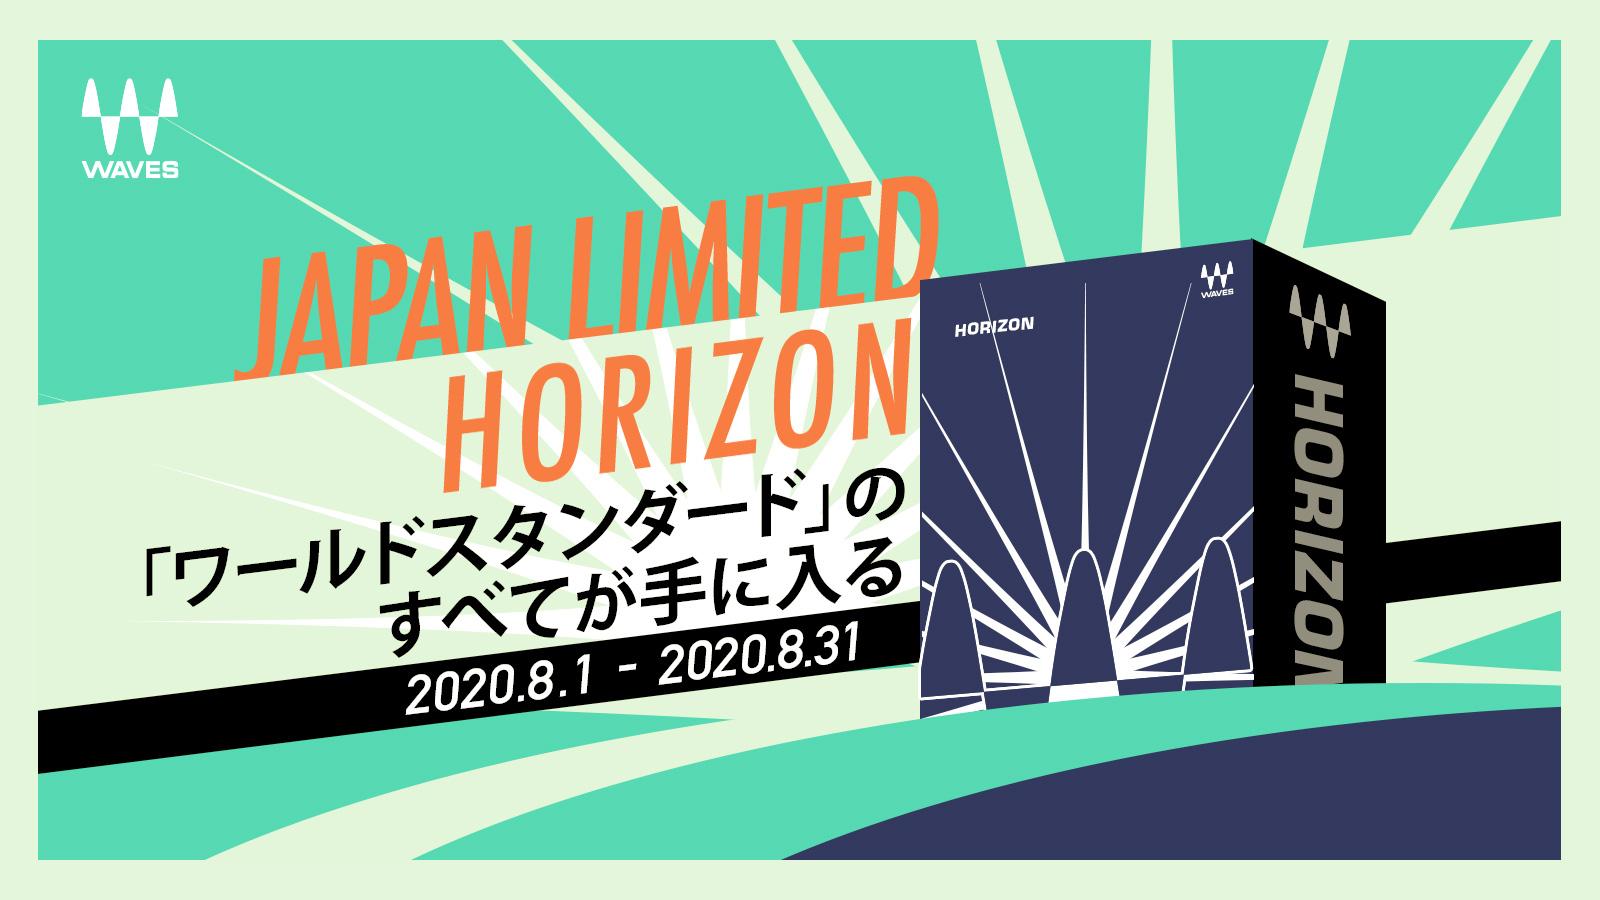 【日本限定】スタジオ標準バンドル Waves Horizon が34,000円!アップグレードも対象